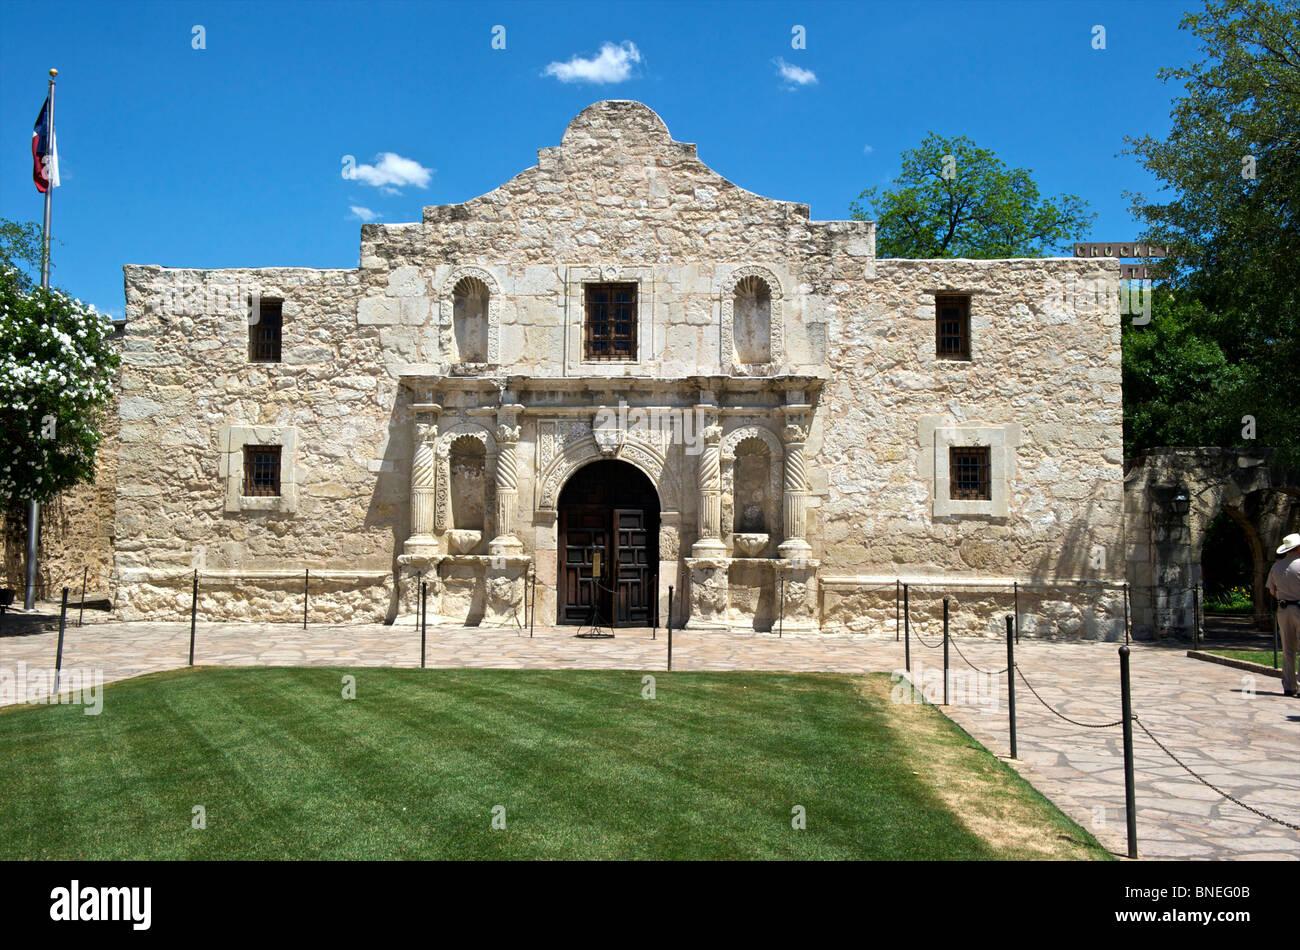 Vue de l'ancienne Mission Alamo symbole de l'indépendance du Texas à San Antonio, Texas, USA Banque D'Images